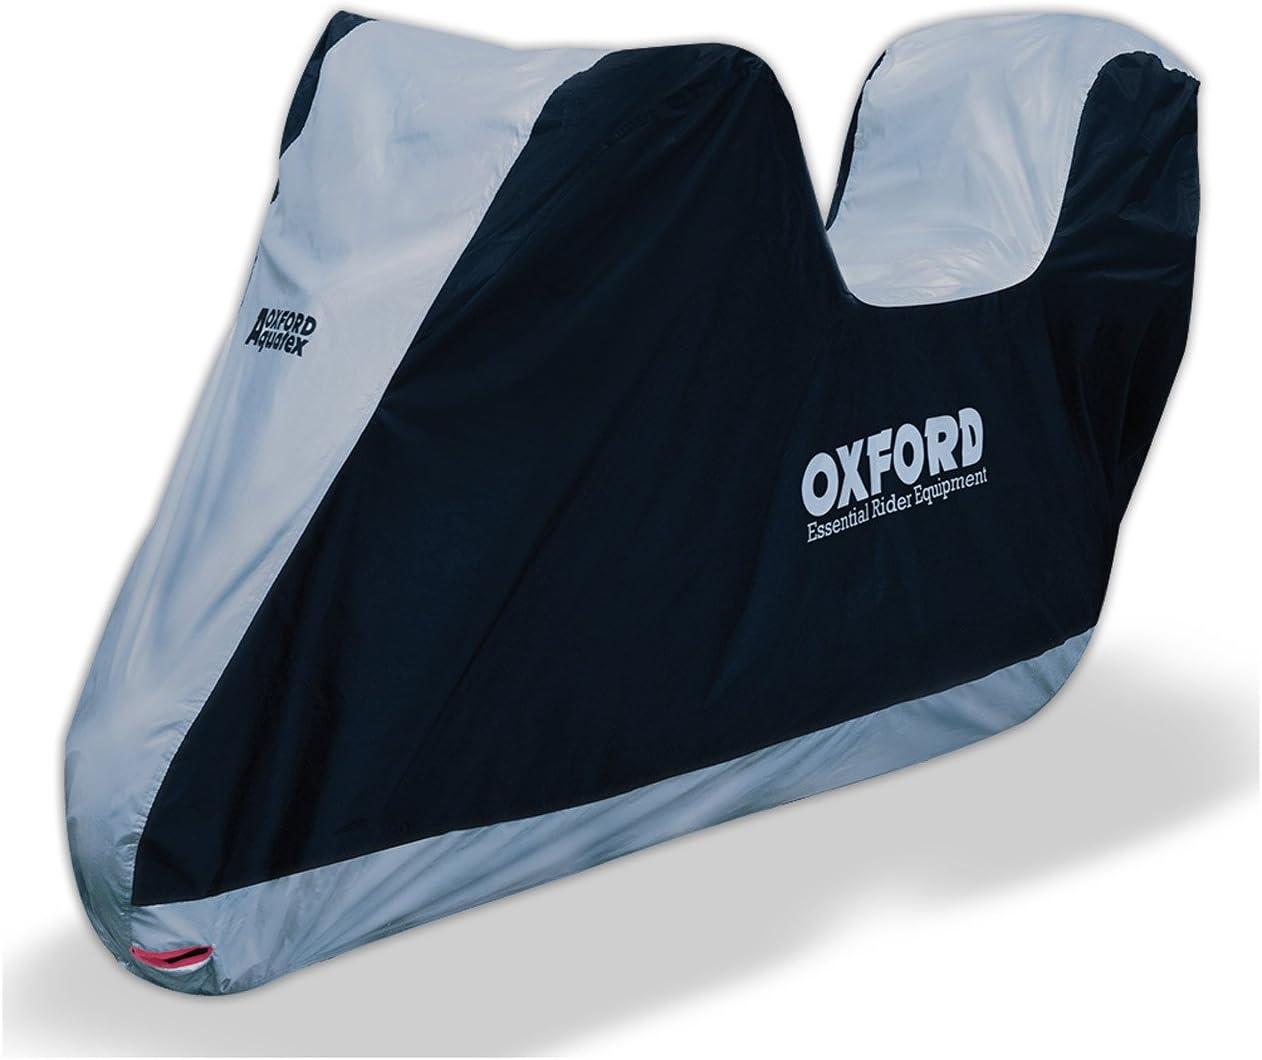 Funda Protectora para Moto Aquatex de Oxford, Azul, L